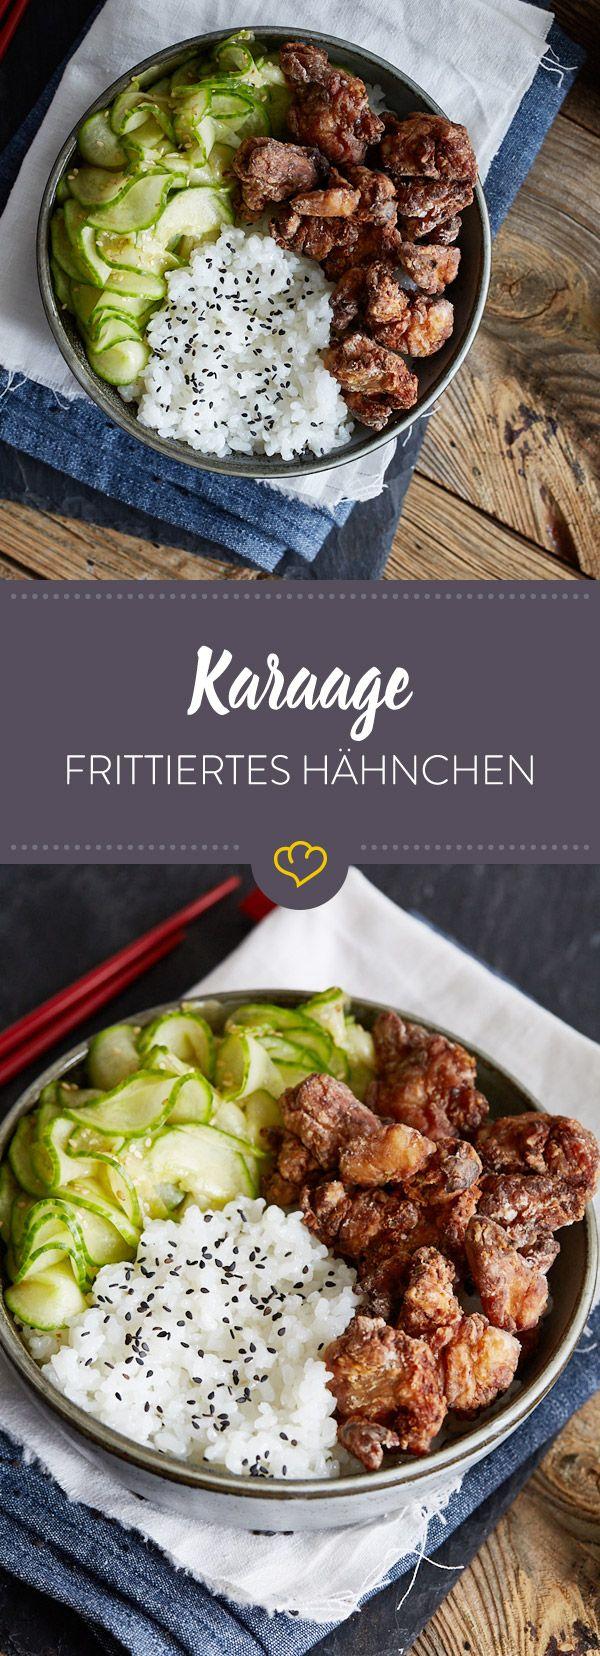 Japanische Karaage – frittiertes Hähnchen mit Sesam-Gurkensalat und Reis